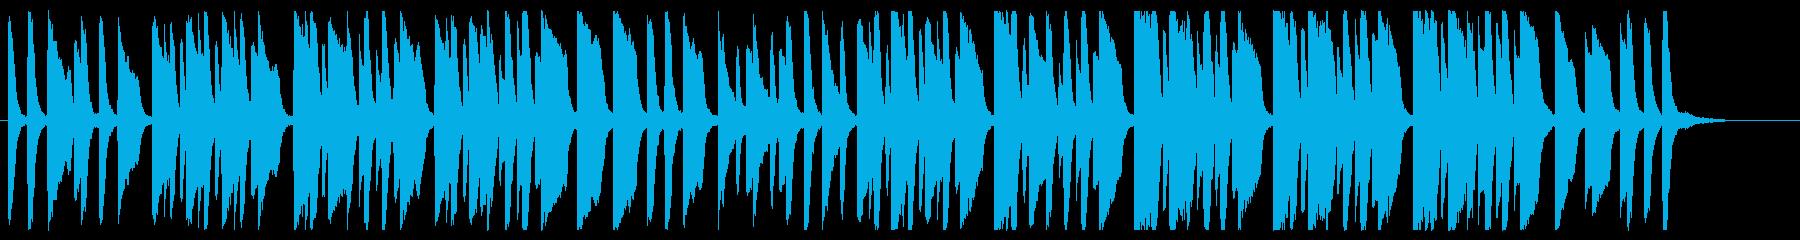 おちゃらかほい ピアノver.の再生済みの波形